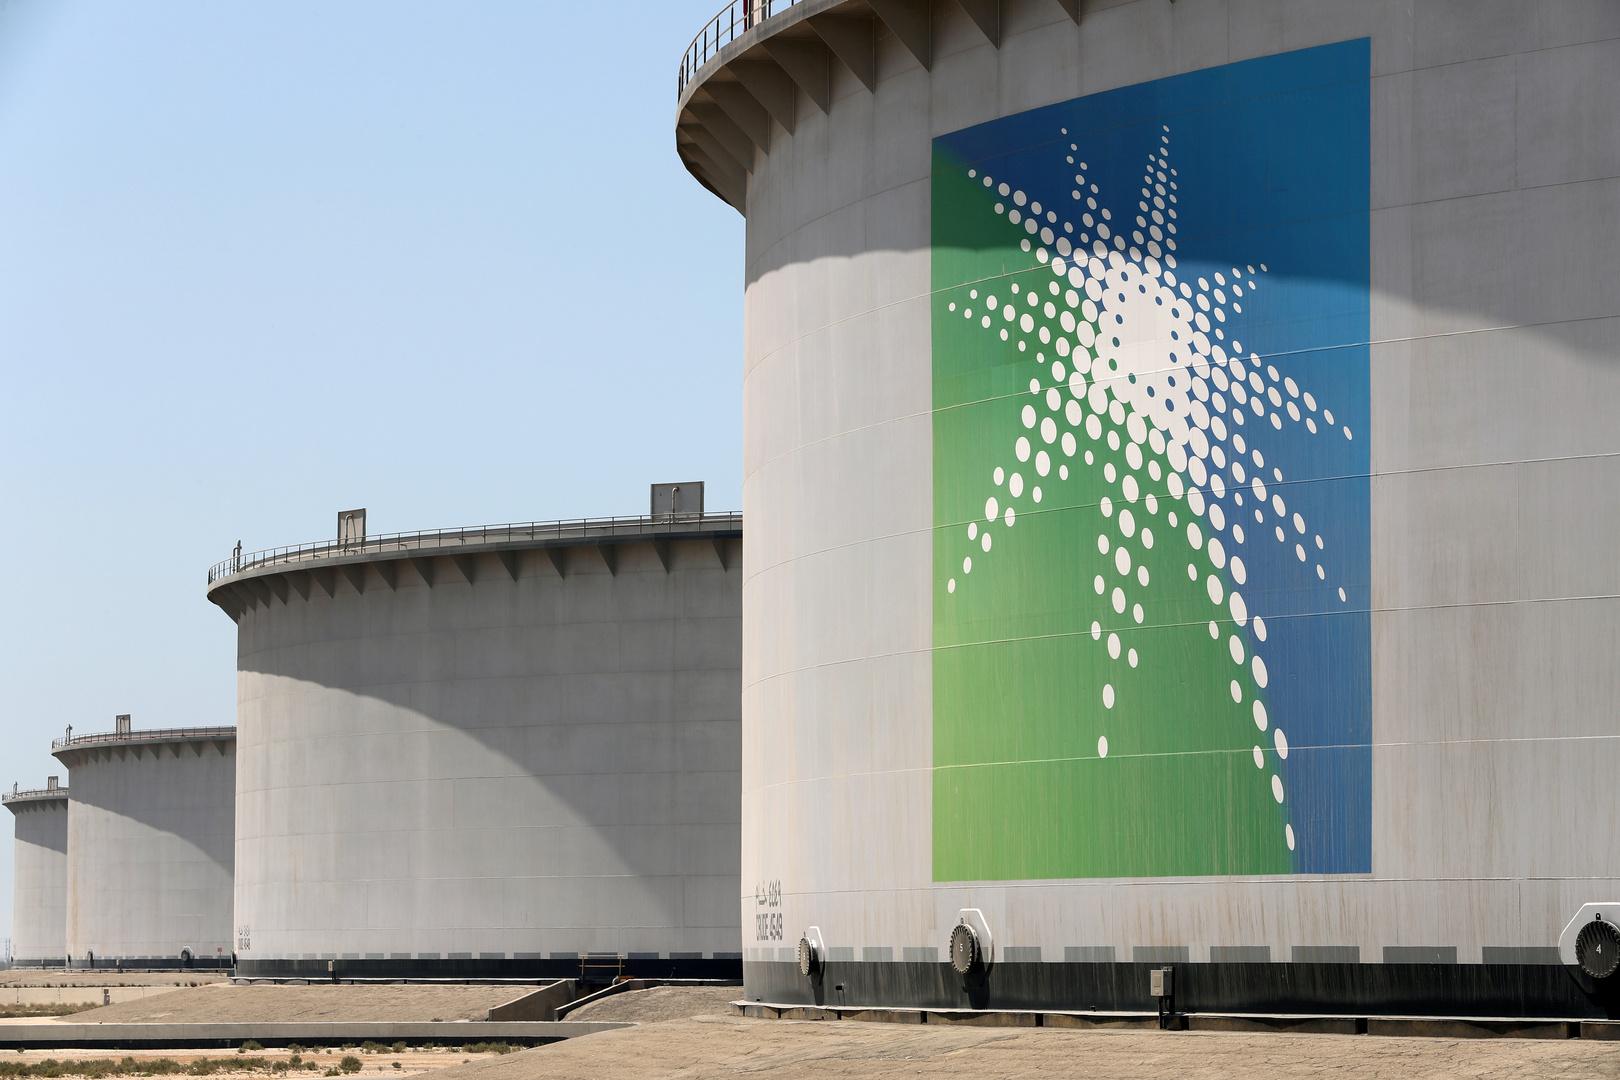 ساحات خزانات نفط في ميناء رأس تنورة شرق السعودية.